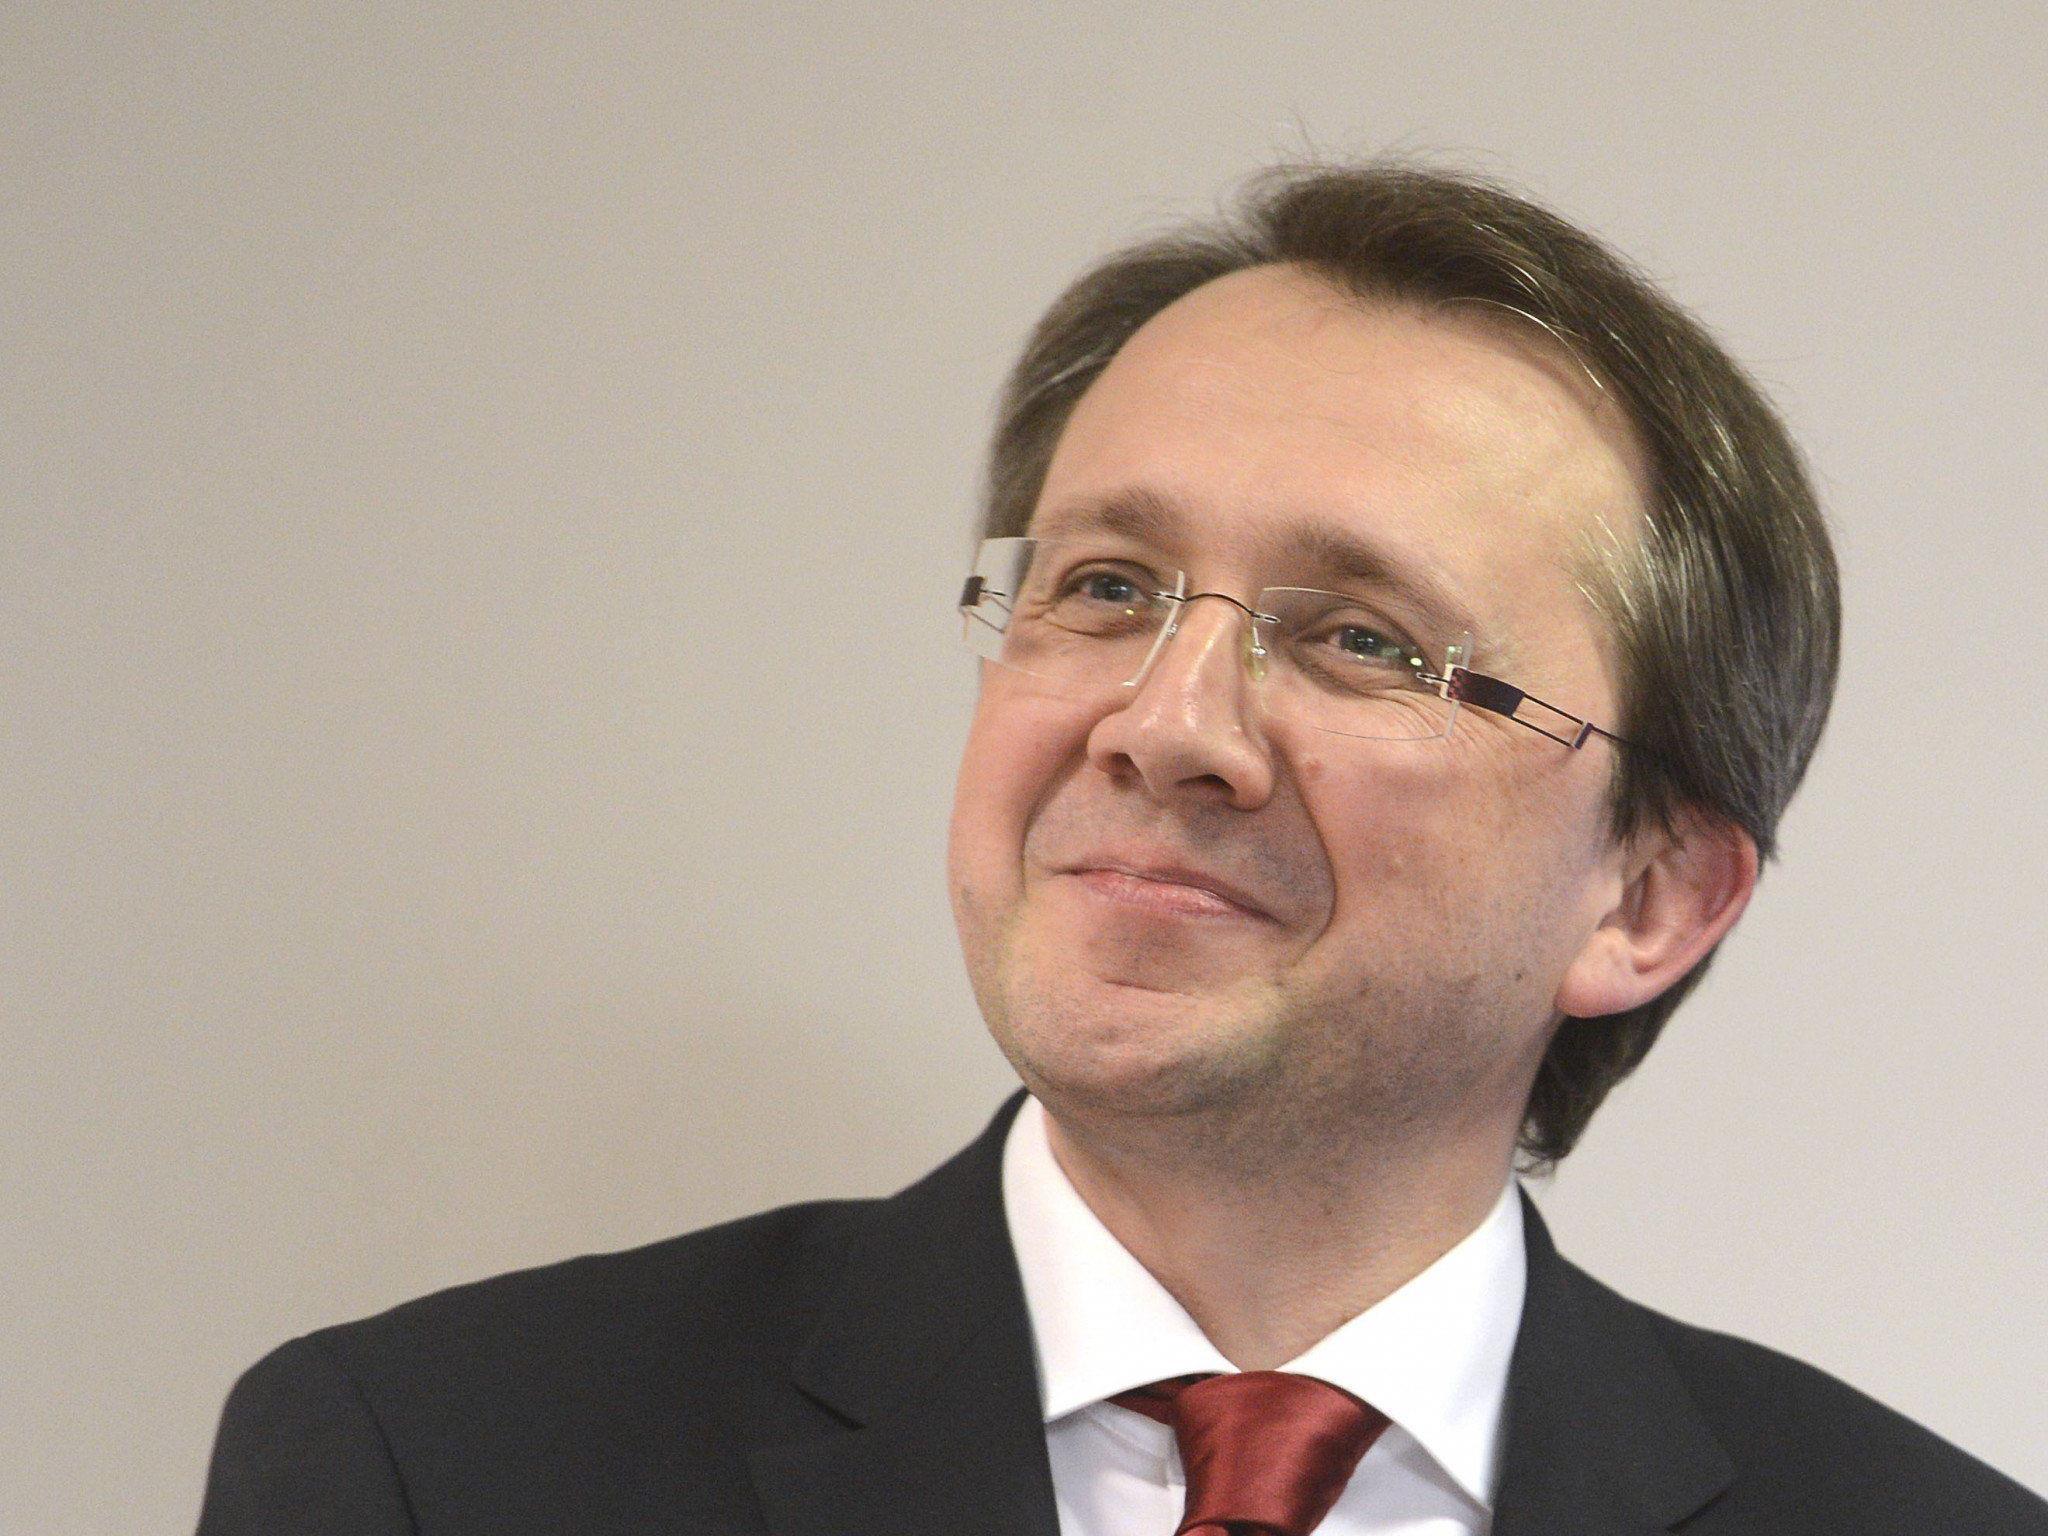 Nach NÖ-Wahl - ÖVP St. Pölten: Interessenkonflikt für SPÖ-Stadler